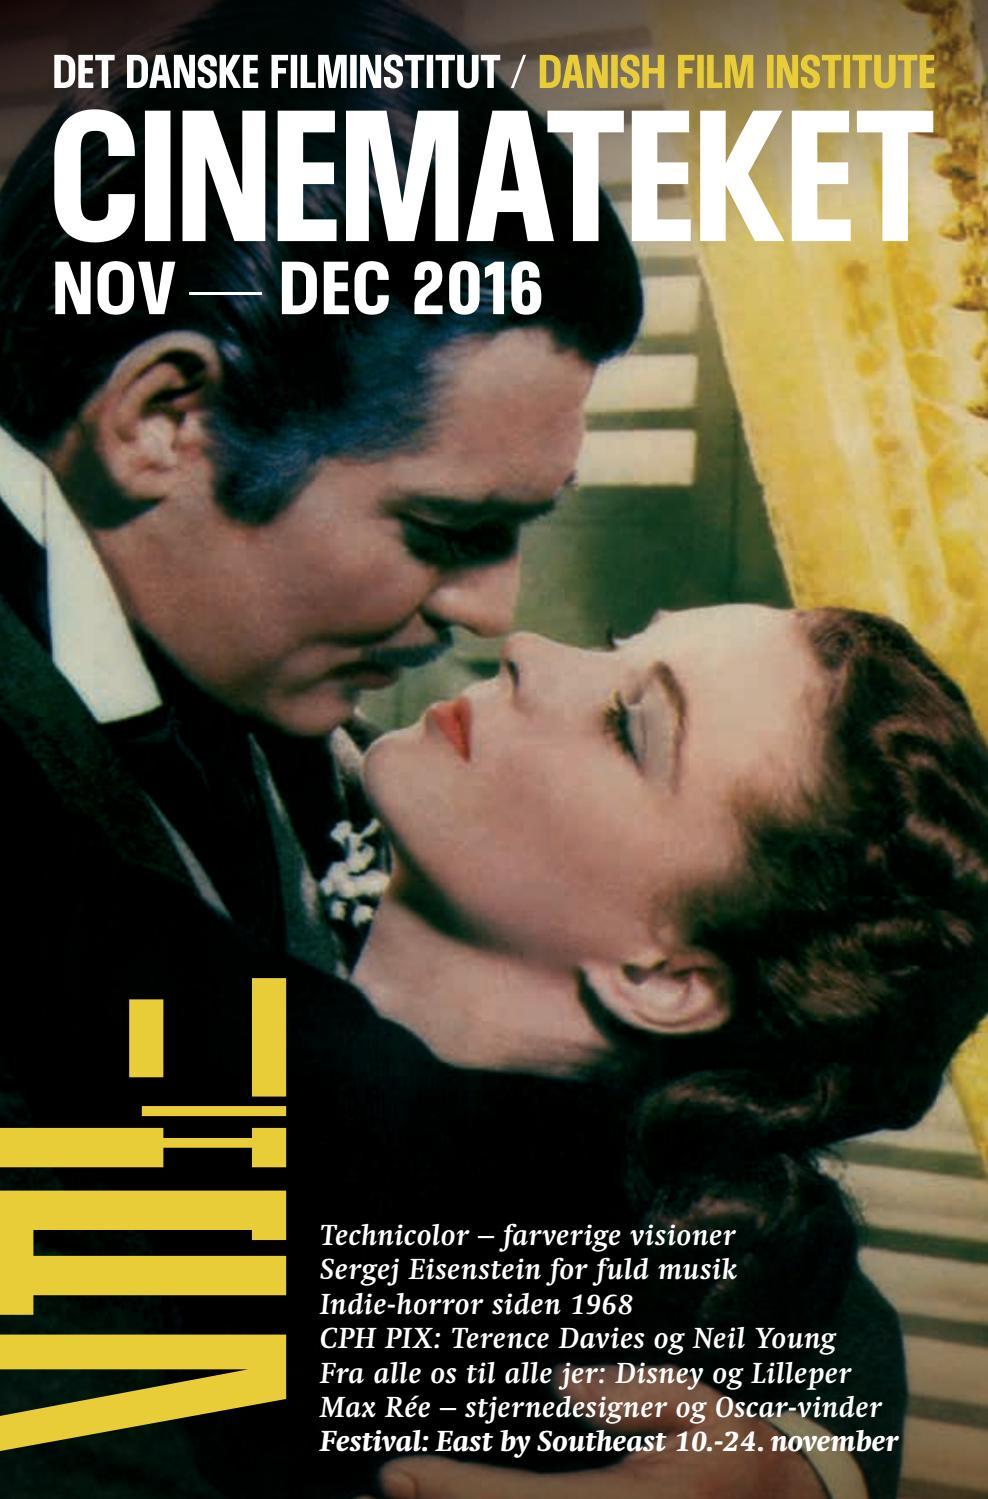 f1a02f9f5e2 Cinemateksprogram november-december 2016 by Det Danske Filminstitut - issuu